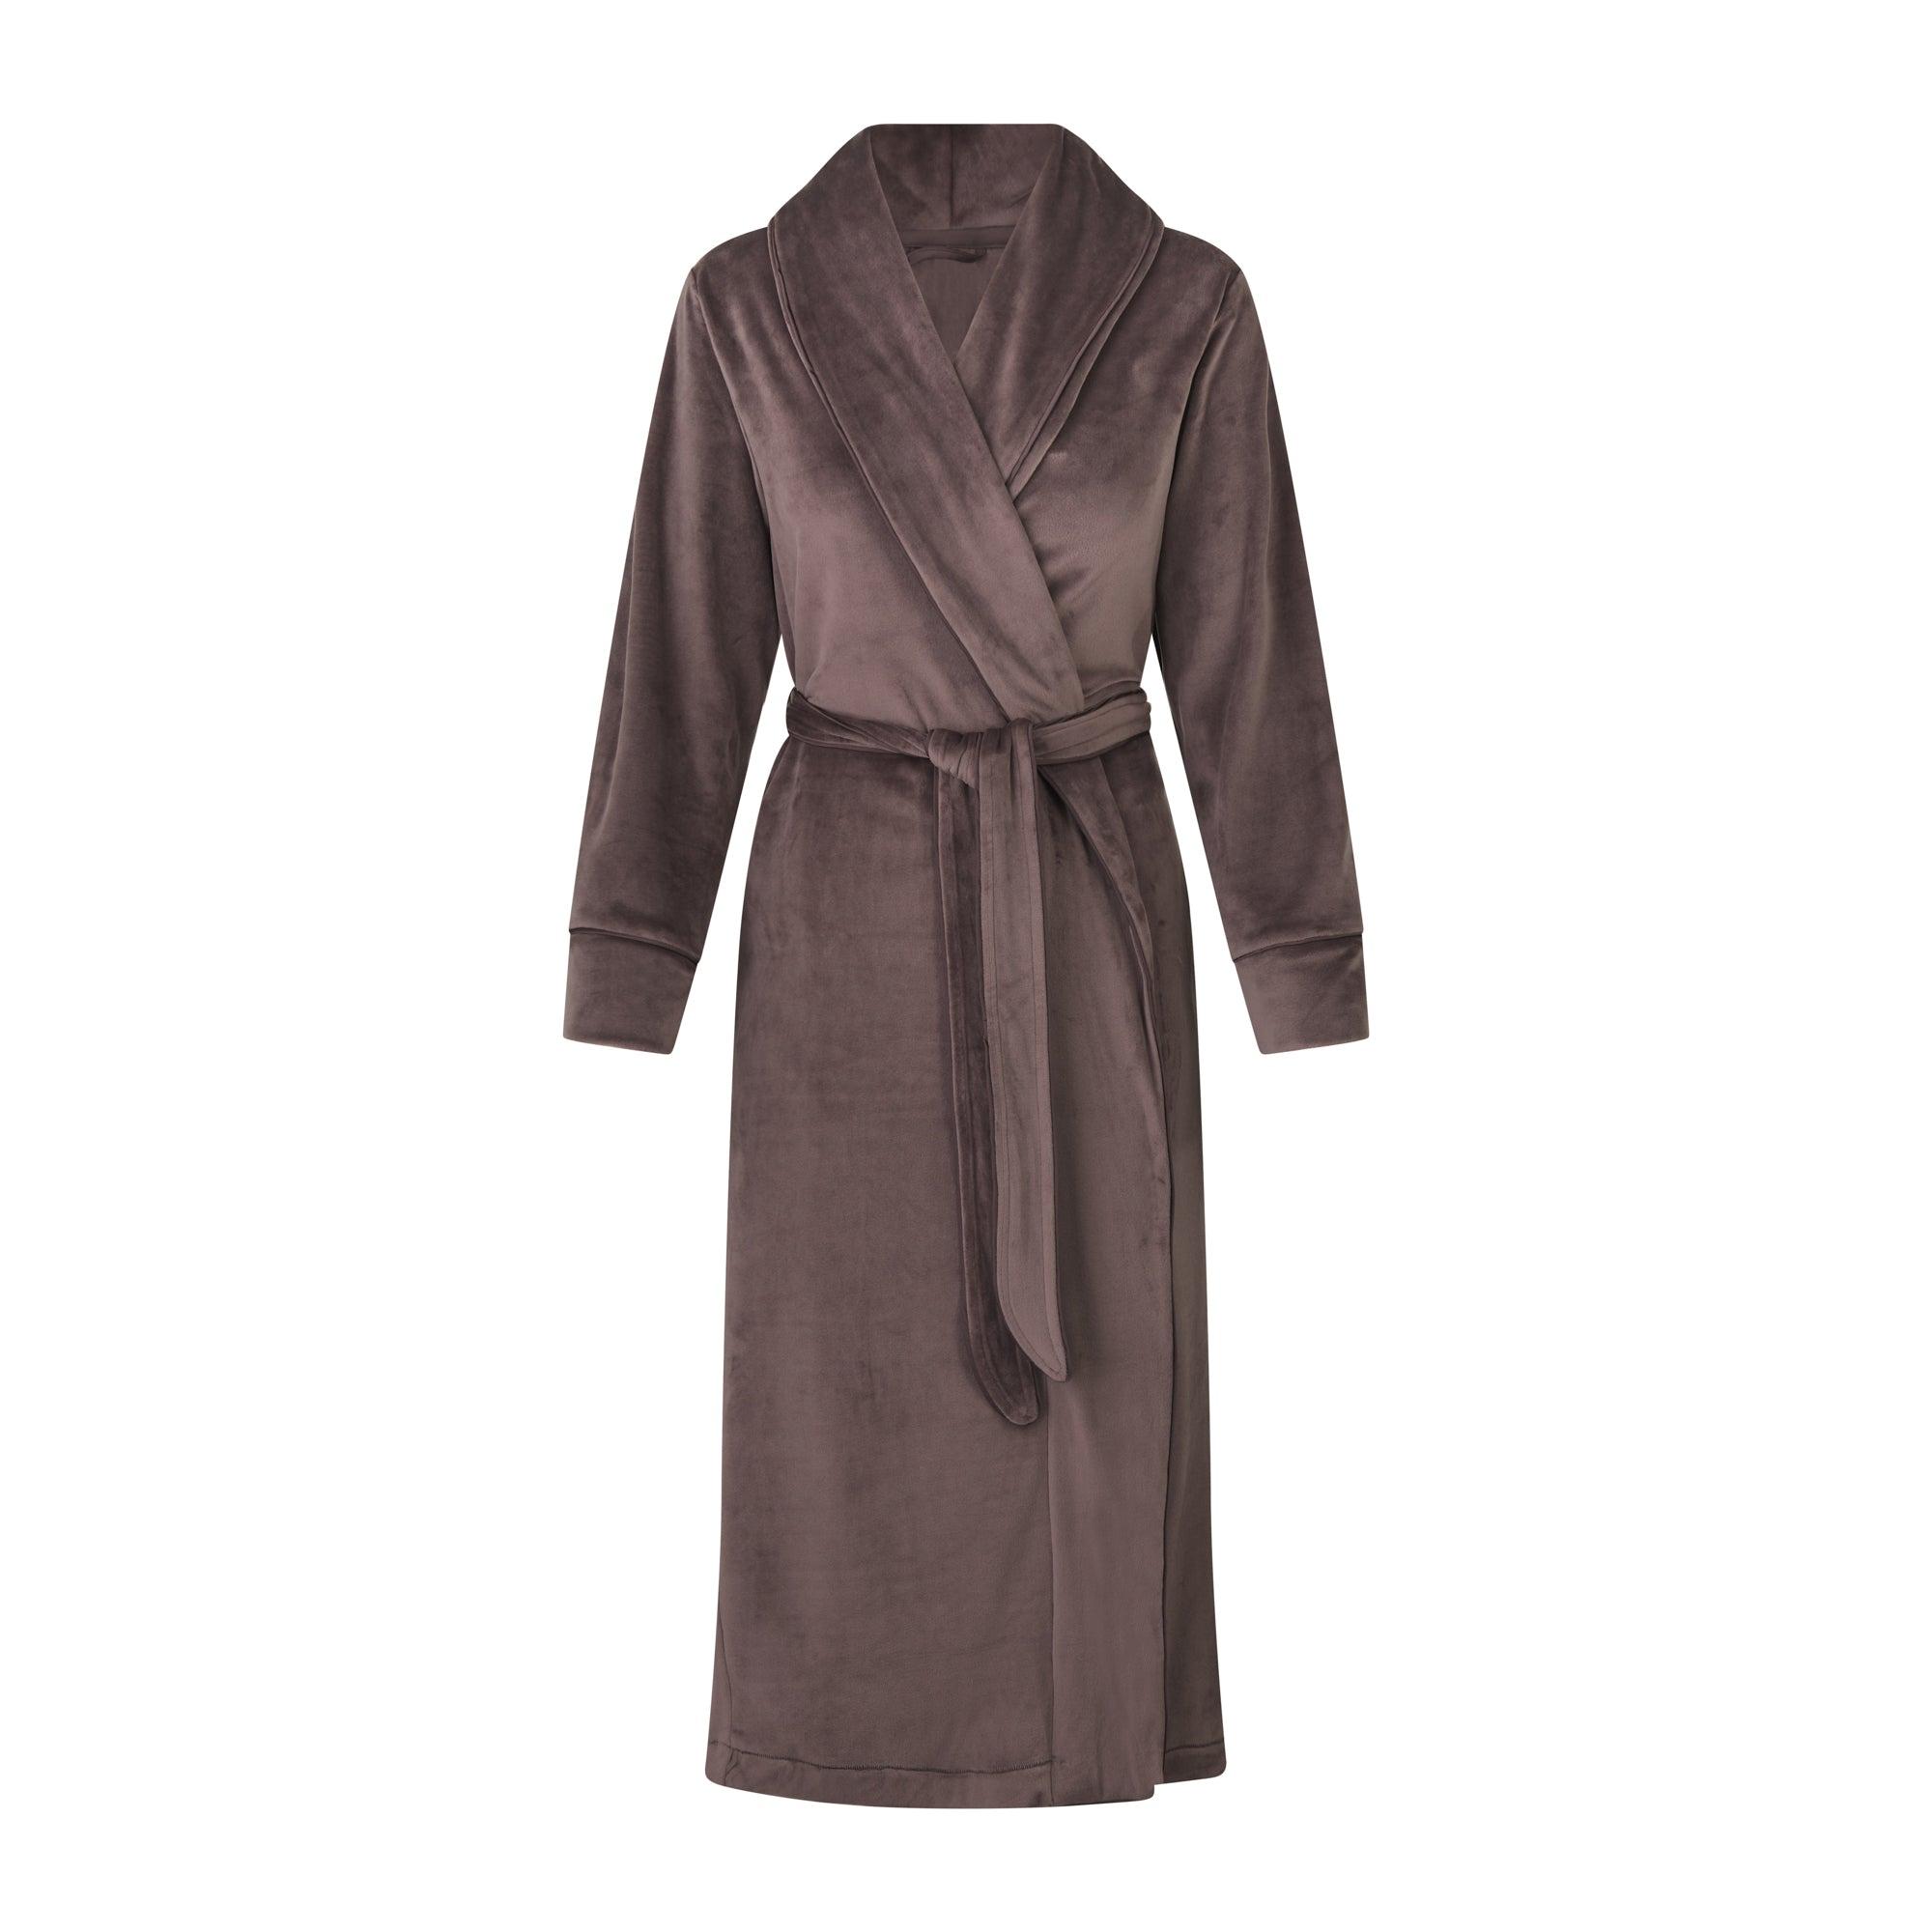 SKIMS Women's Velour Long Robe - Brown - Size 3XL; Brown